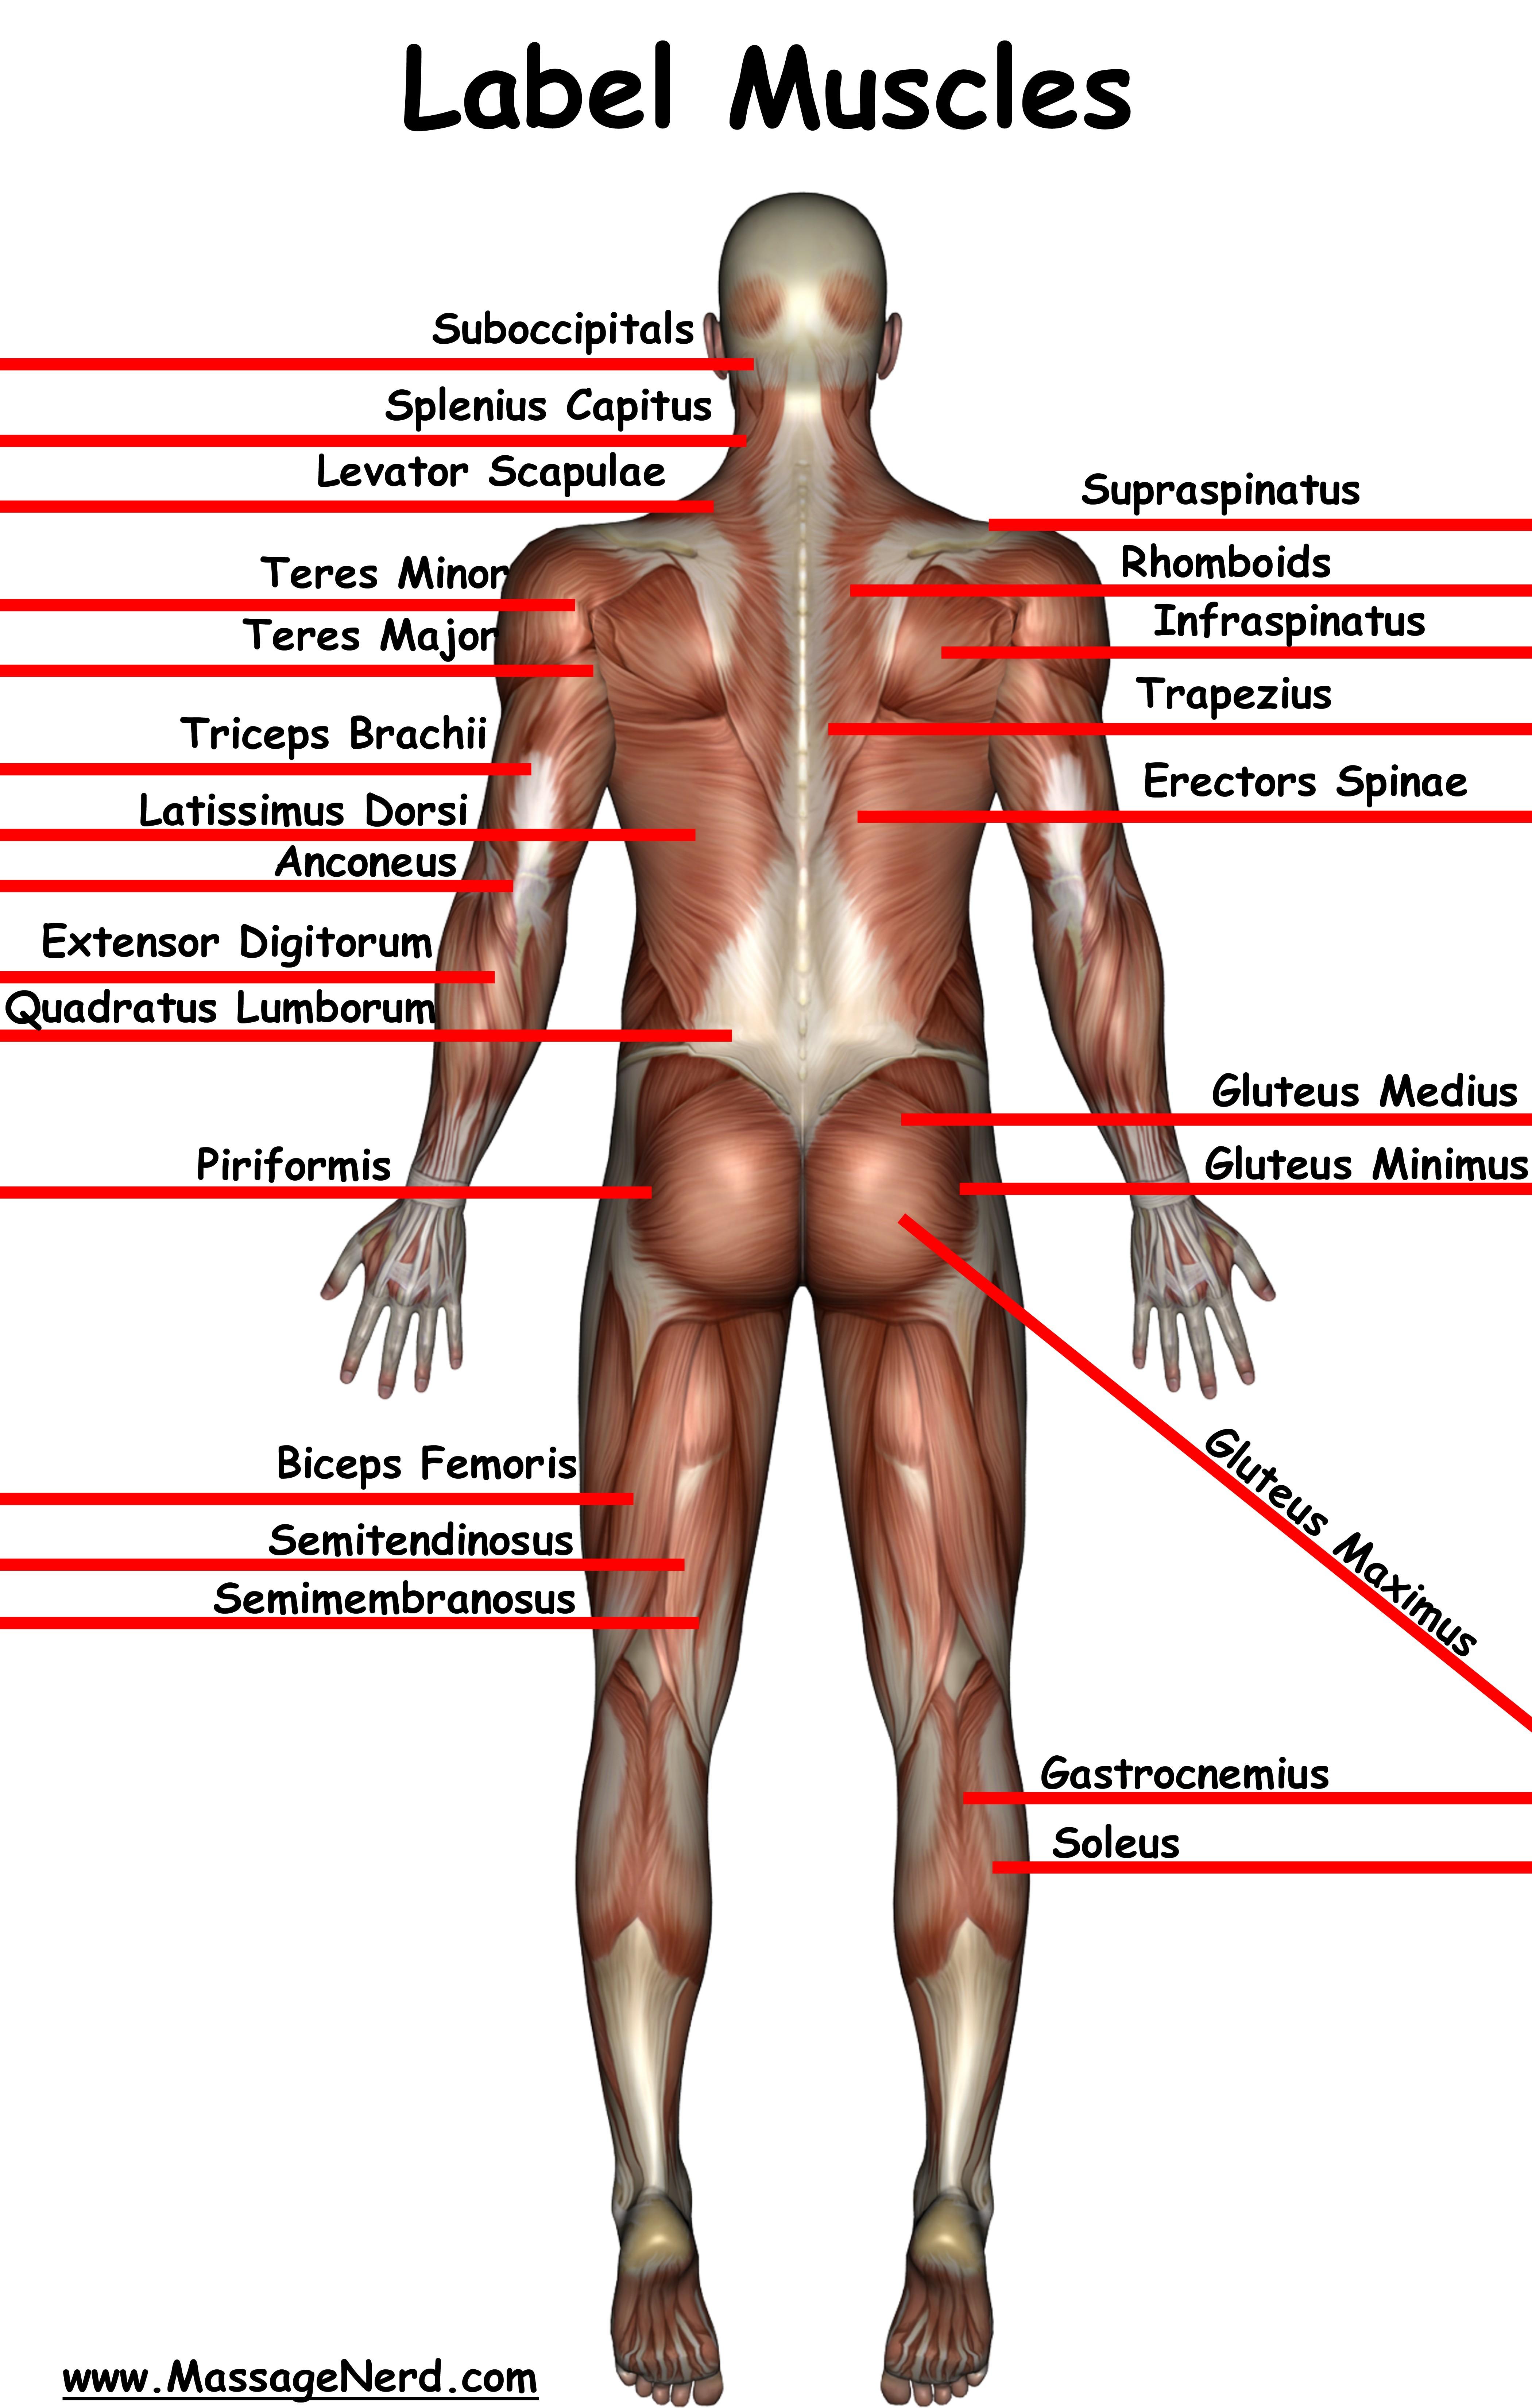 Groß Bilder Menschliche Muskeln Zeitgenössisch - Menschliche ...